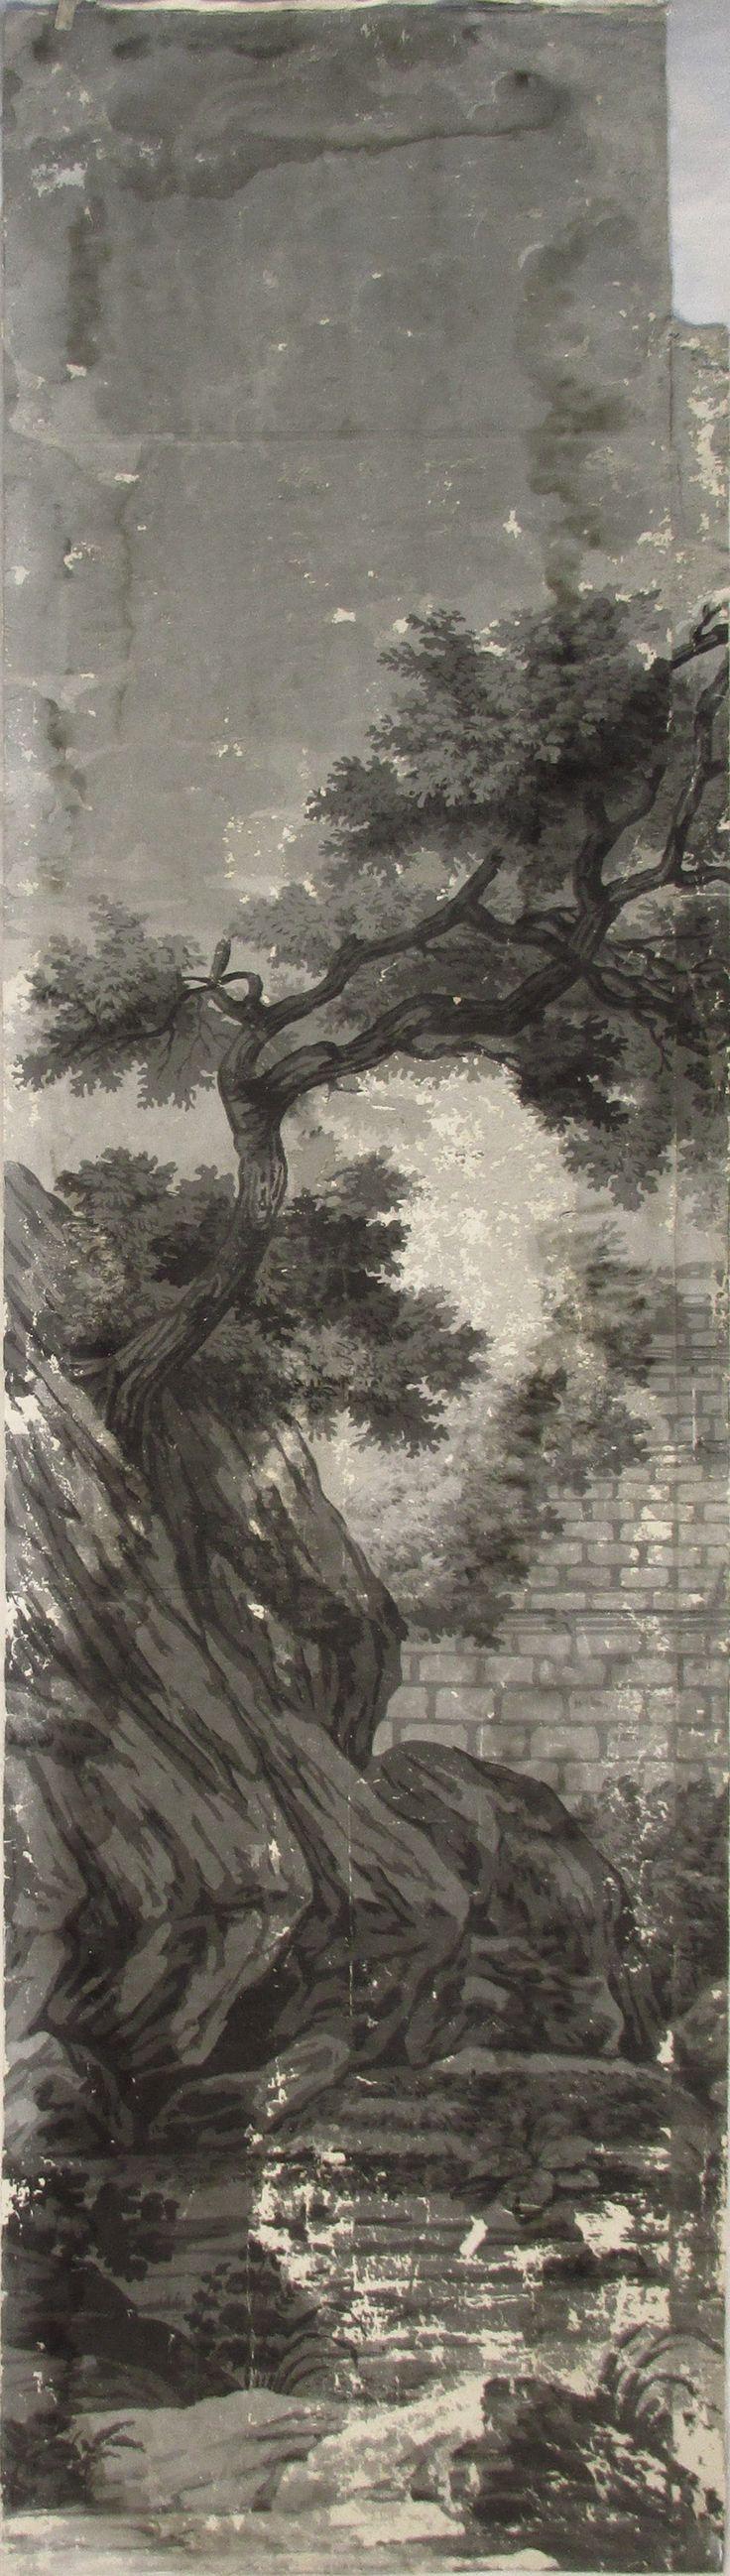 21 Wallpaper Panels, circa 1815, by Joseph Dufour Et Cie, after Comte de Choiseul-Gouffier . https://www.1stdibs.com/furniture/wall-decorations/wallpaper/21-wallpaper-panels-joseph-dufour-et-cie-after-comte-de-choiseul-gouffier/id-f_2781672/